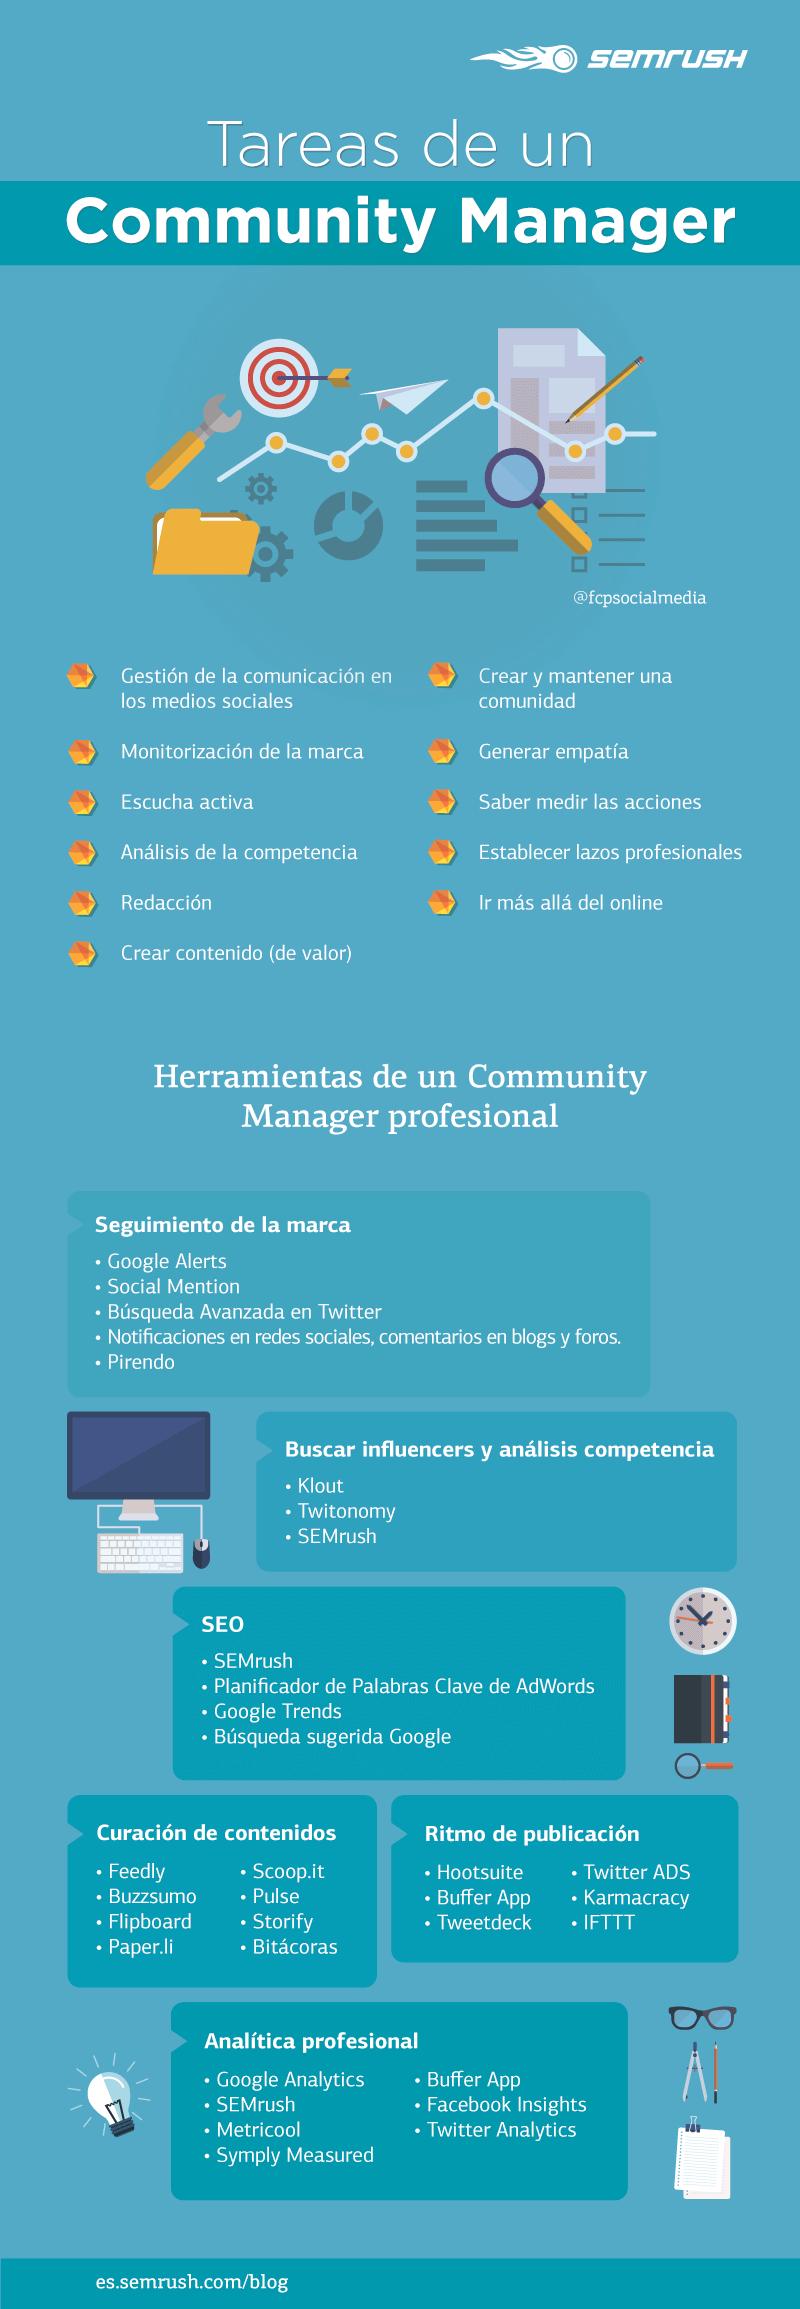 Cuáles son las principales tareas de un Community Manager